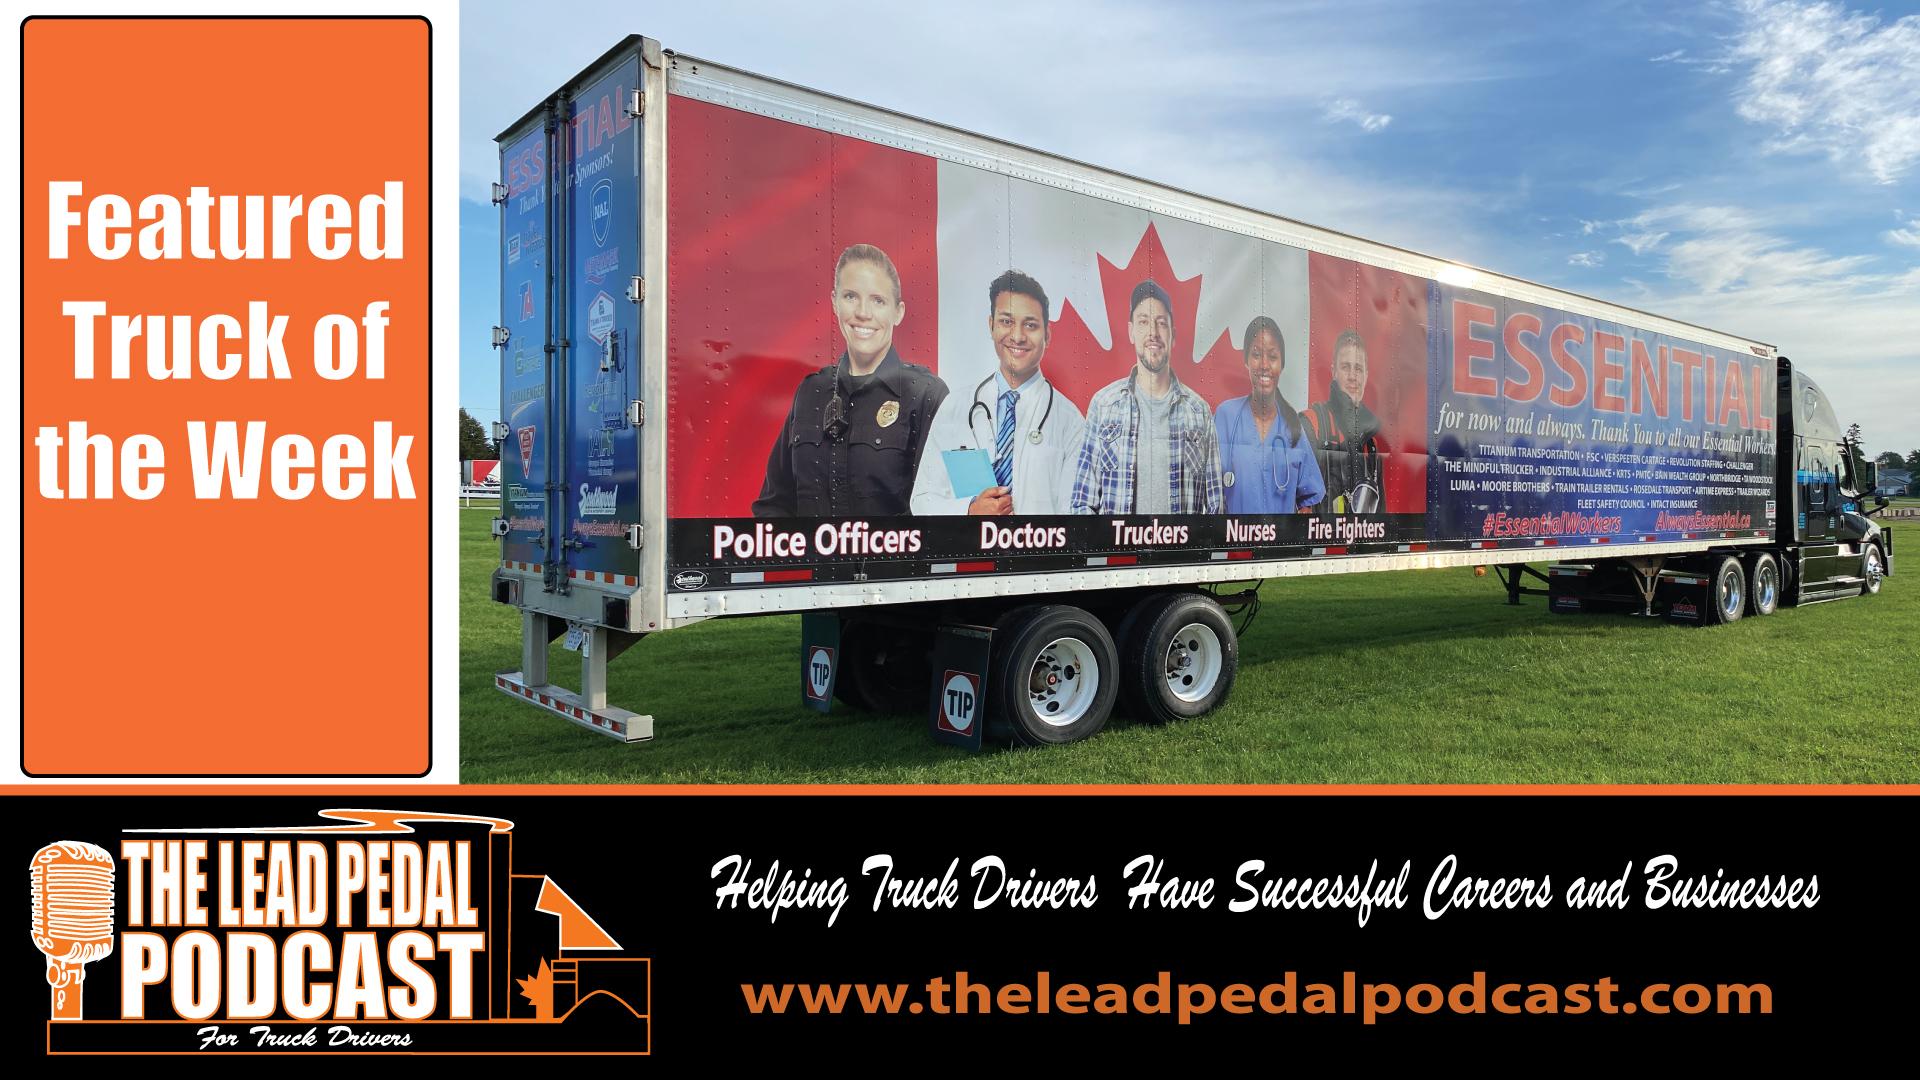 LP700 Featured Truck - Essential Trailer